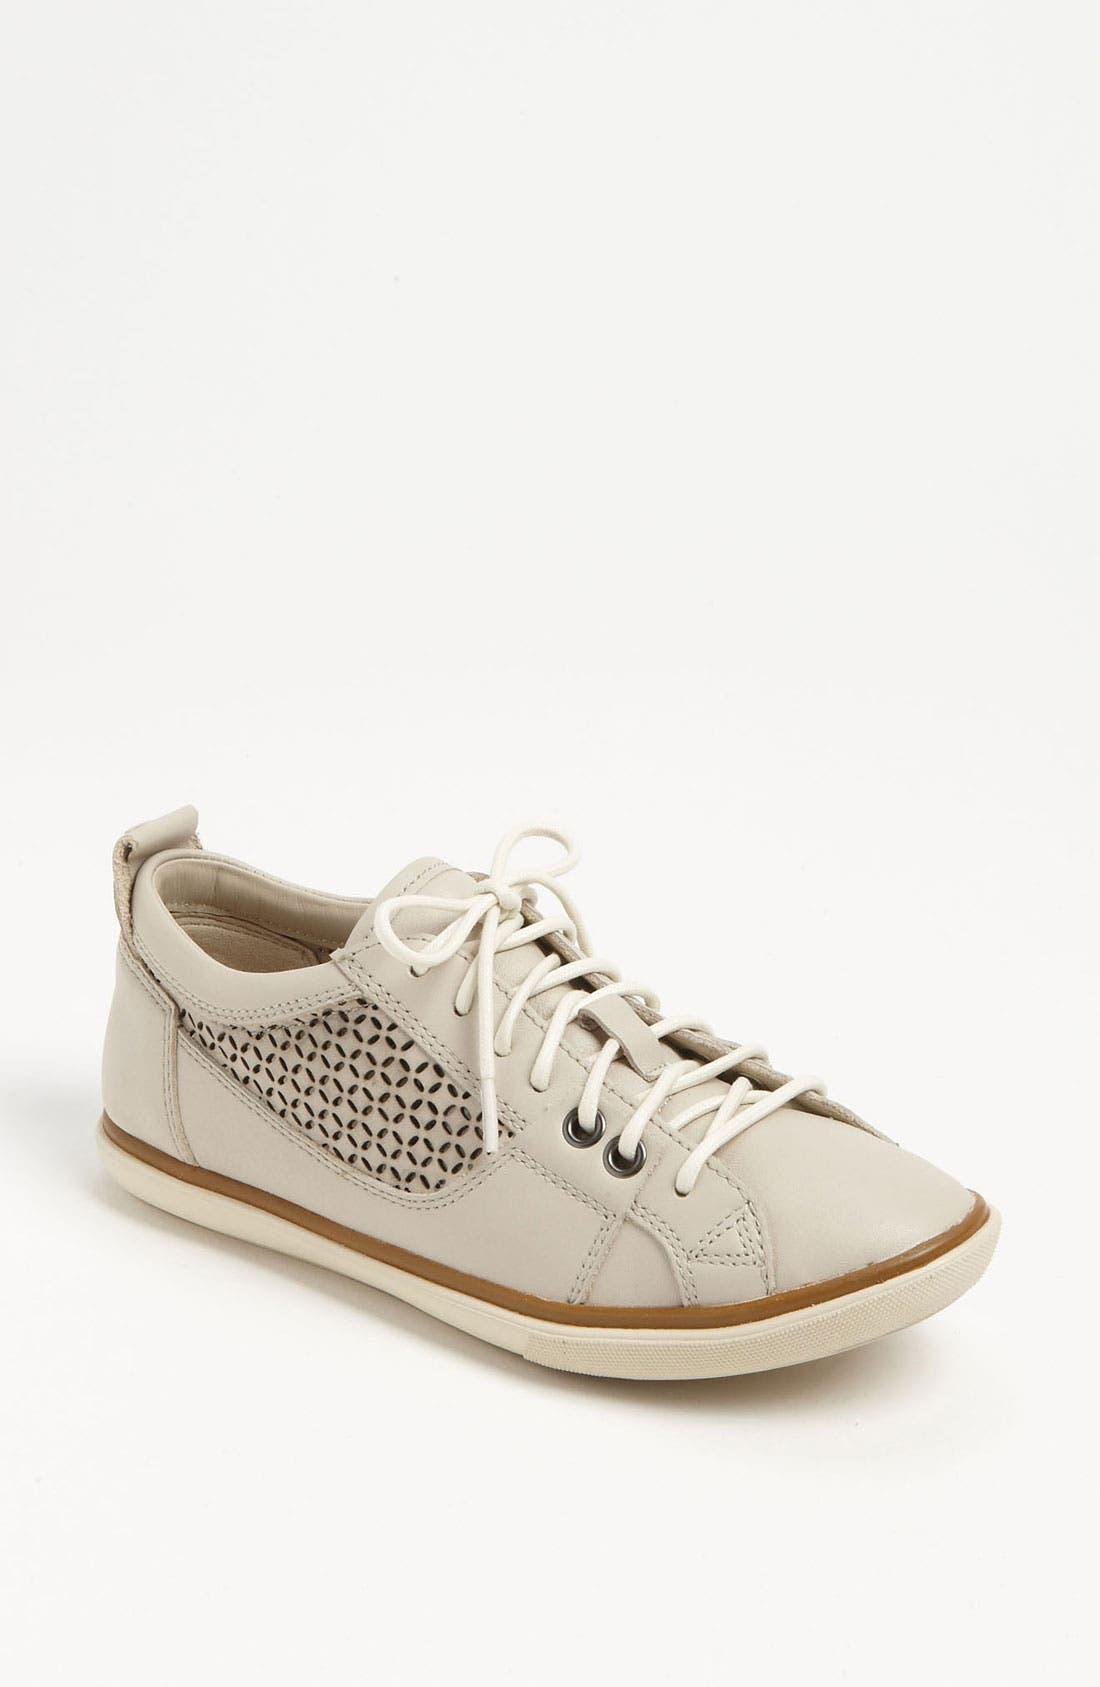 Main Image - Geox 'Alike' Sneaker (Women) (Online Only)